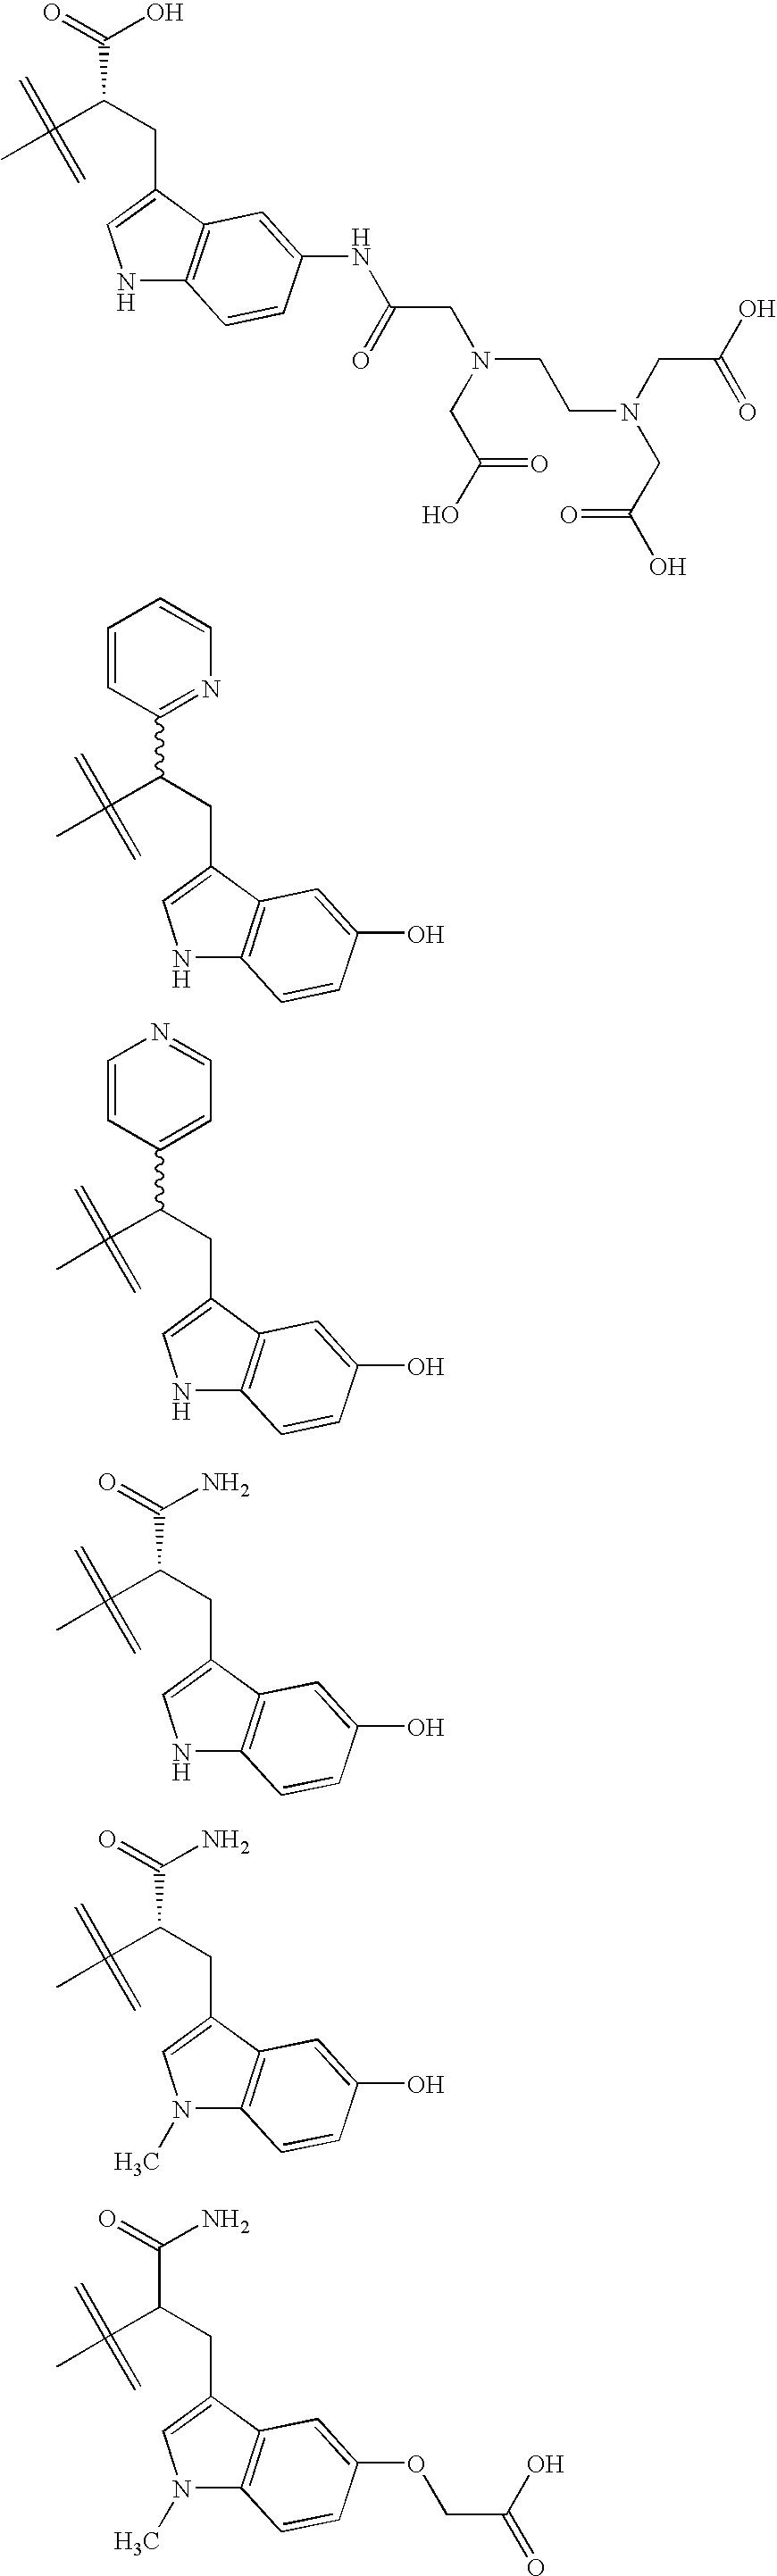 Figure US20070049593A1-20070301-C00121